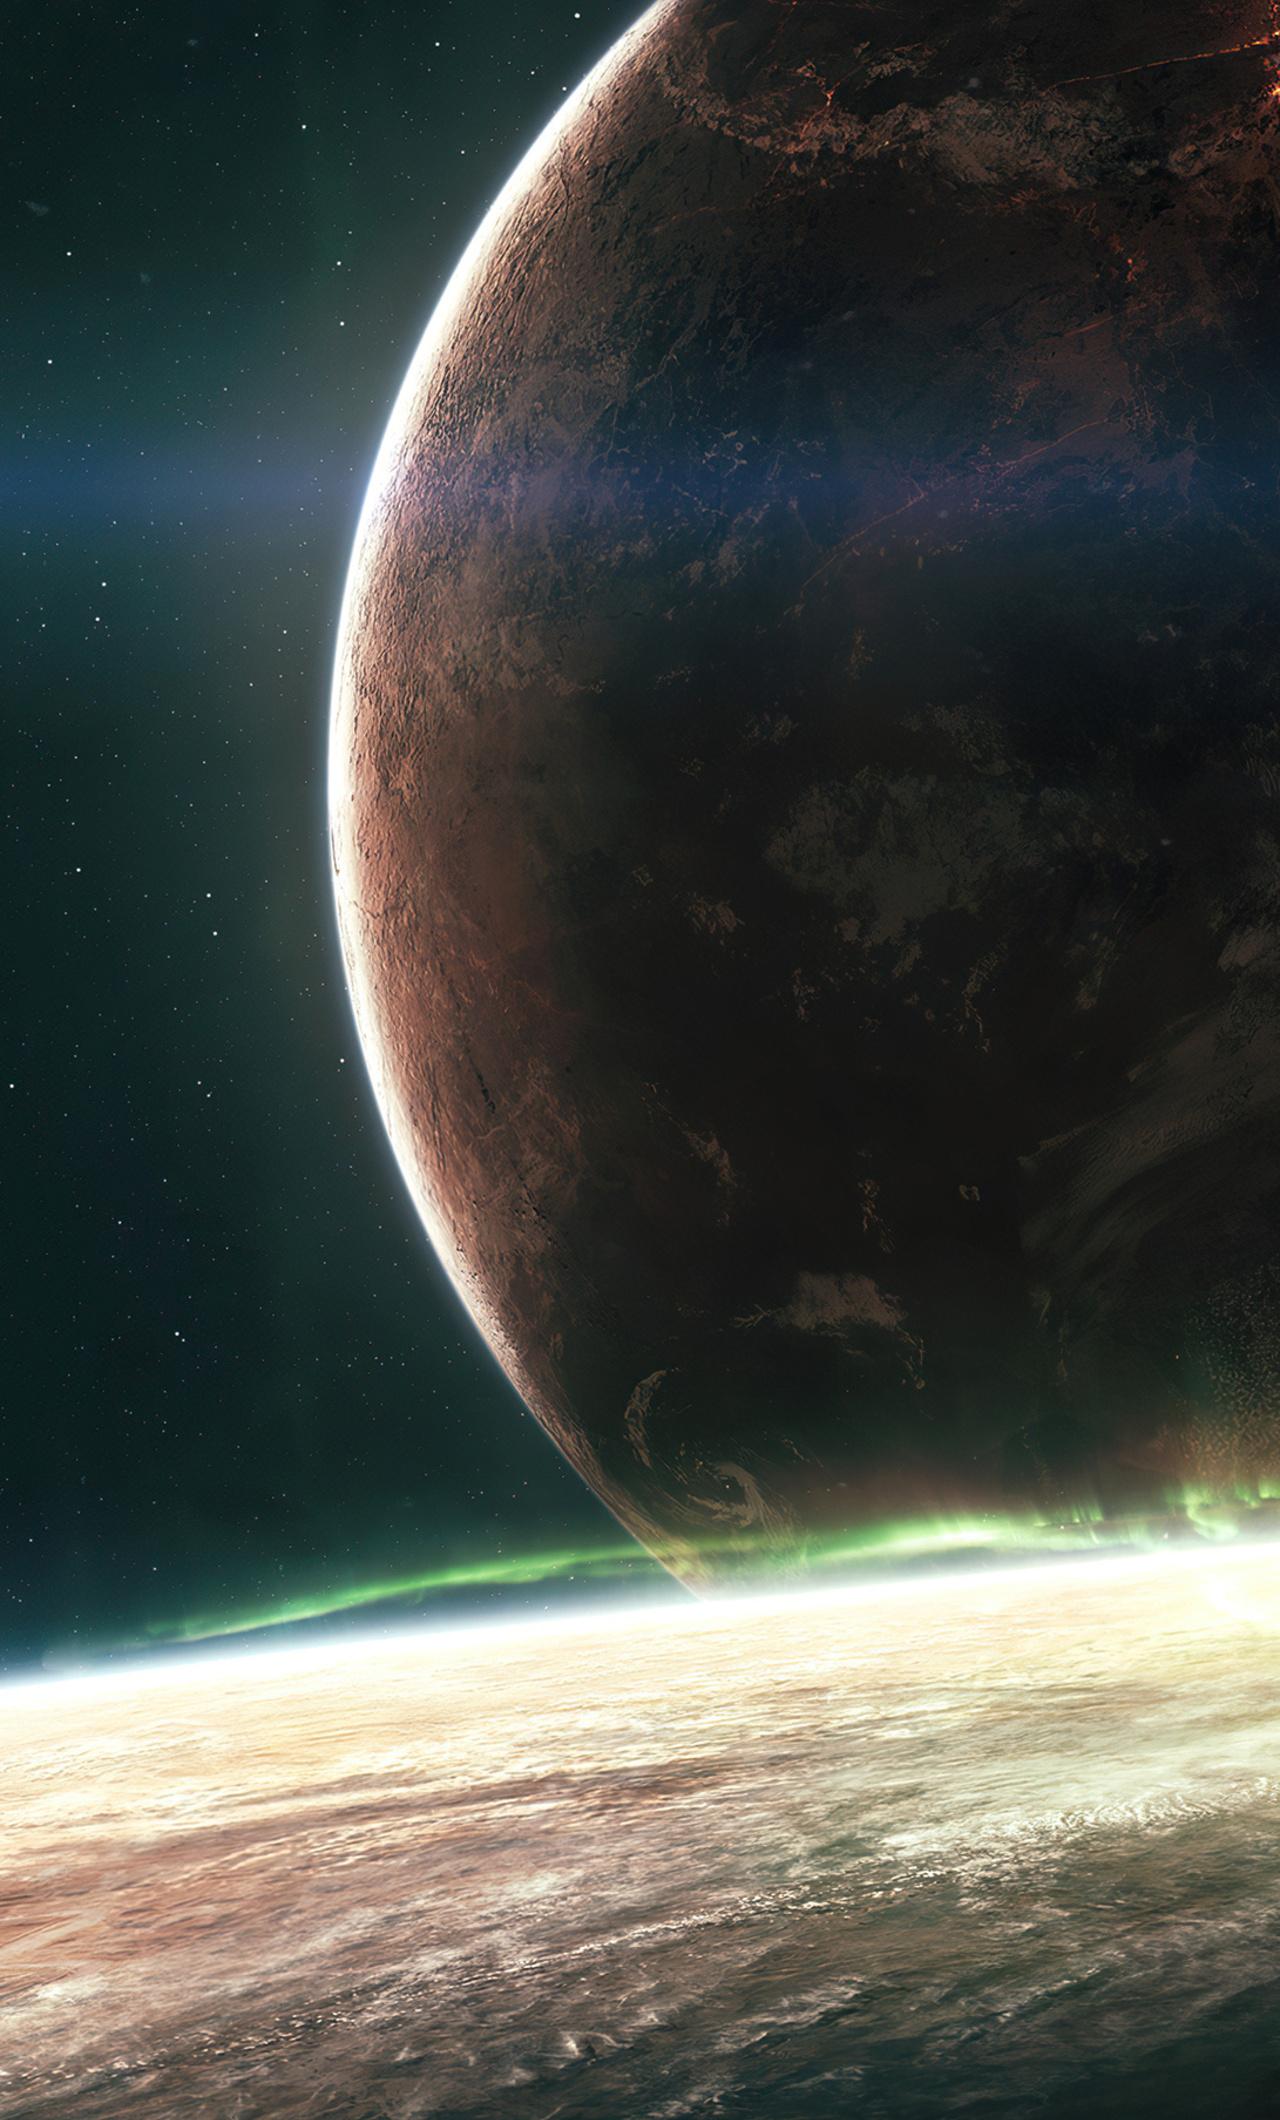 space-oblivion-4k-iw.jpg